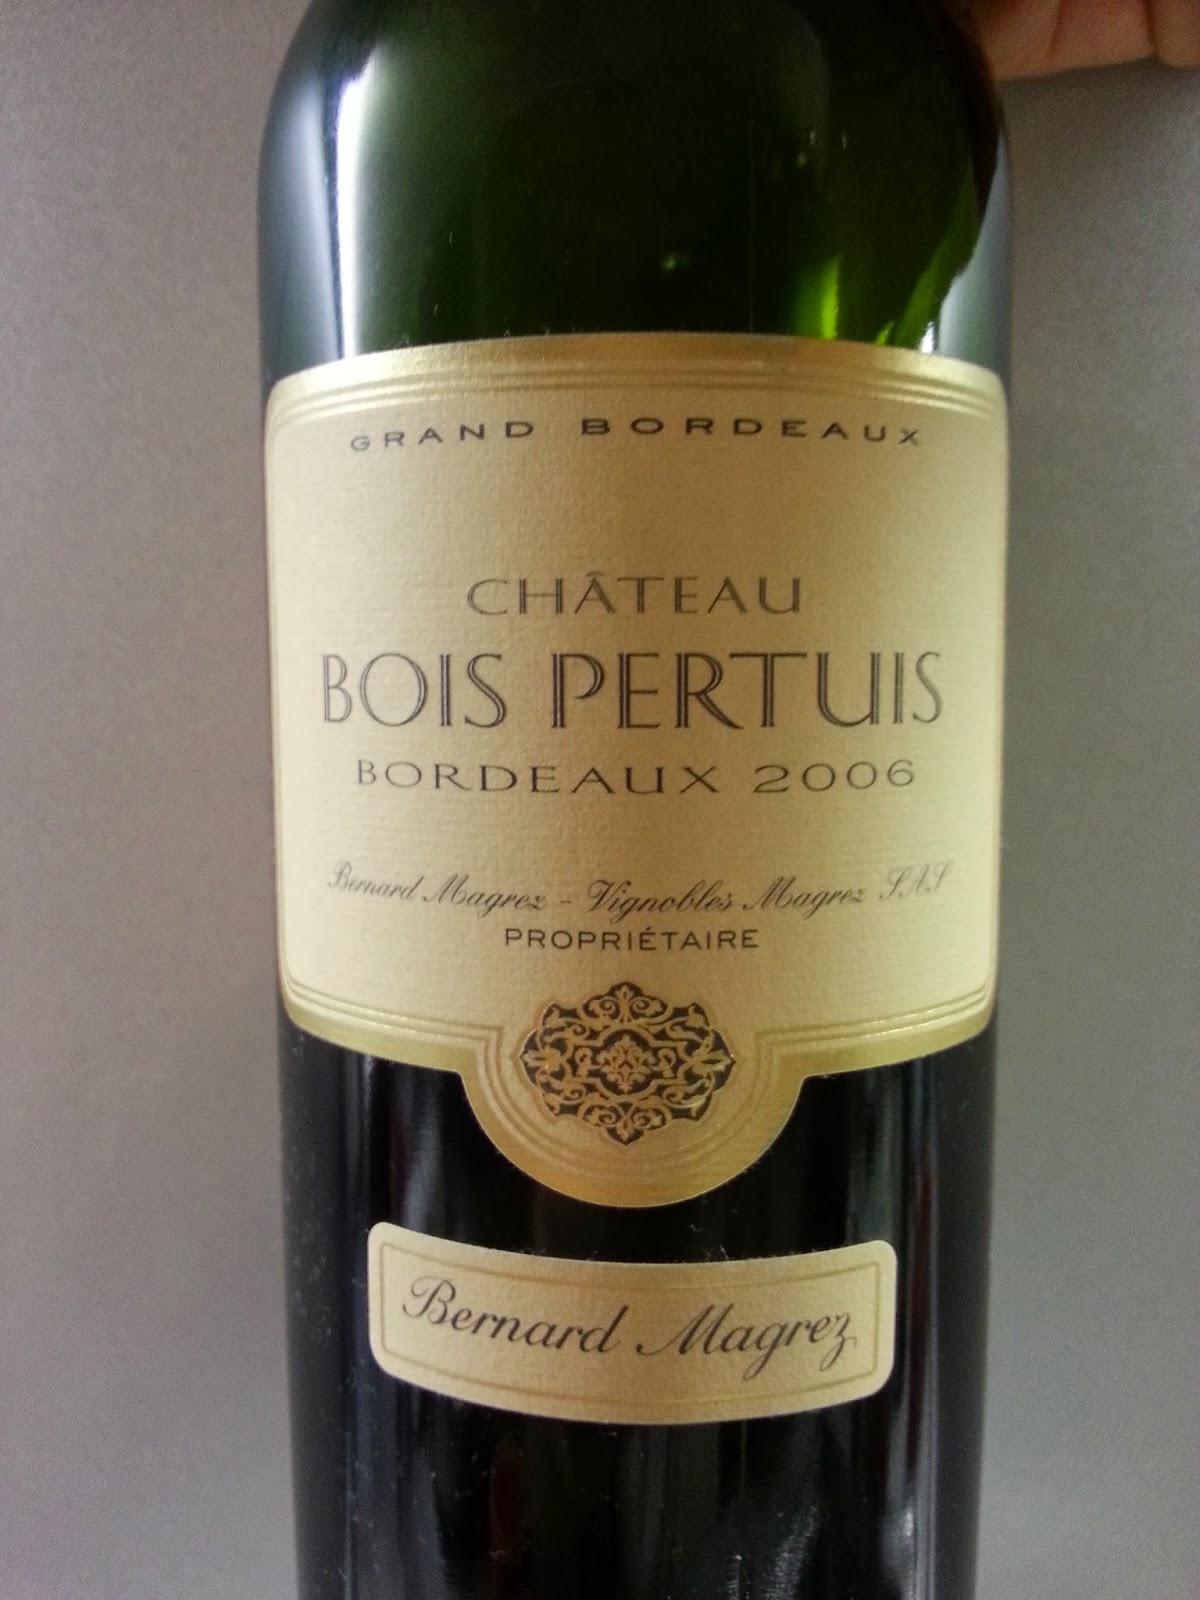 Chateau Bois Pertuis - My Wine Bernard Magrez Chateau Bois Pertuis Bordeaux 2006 AOC